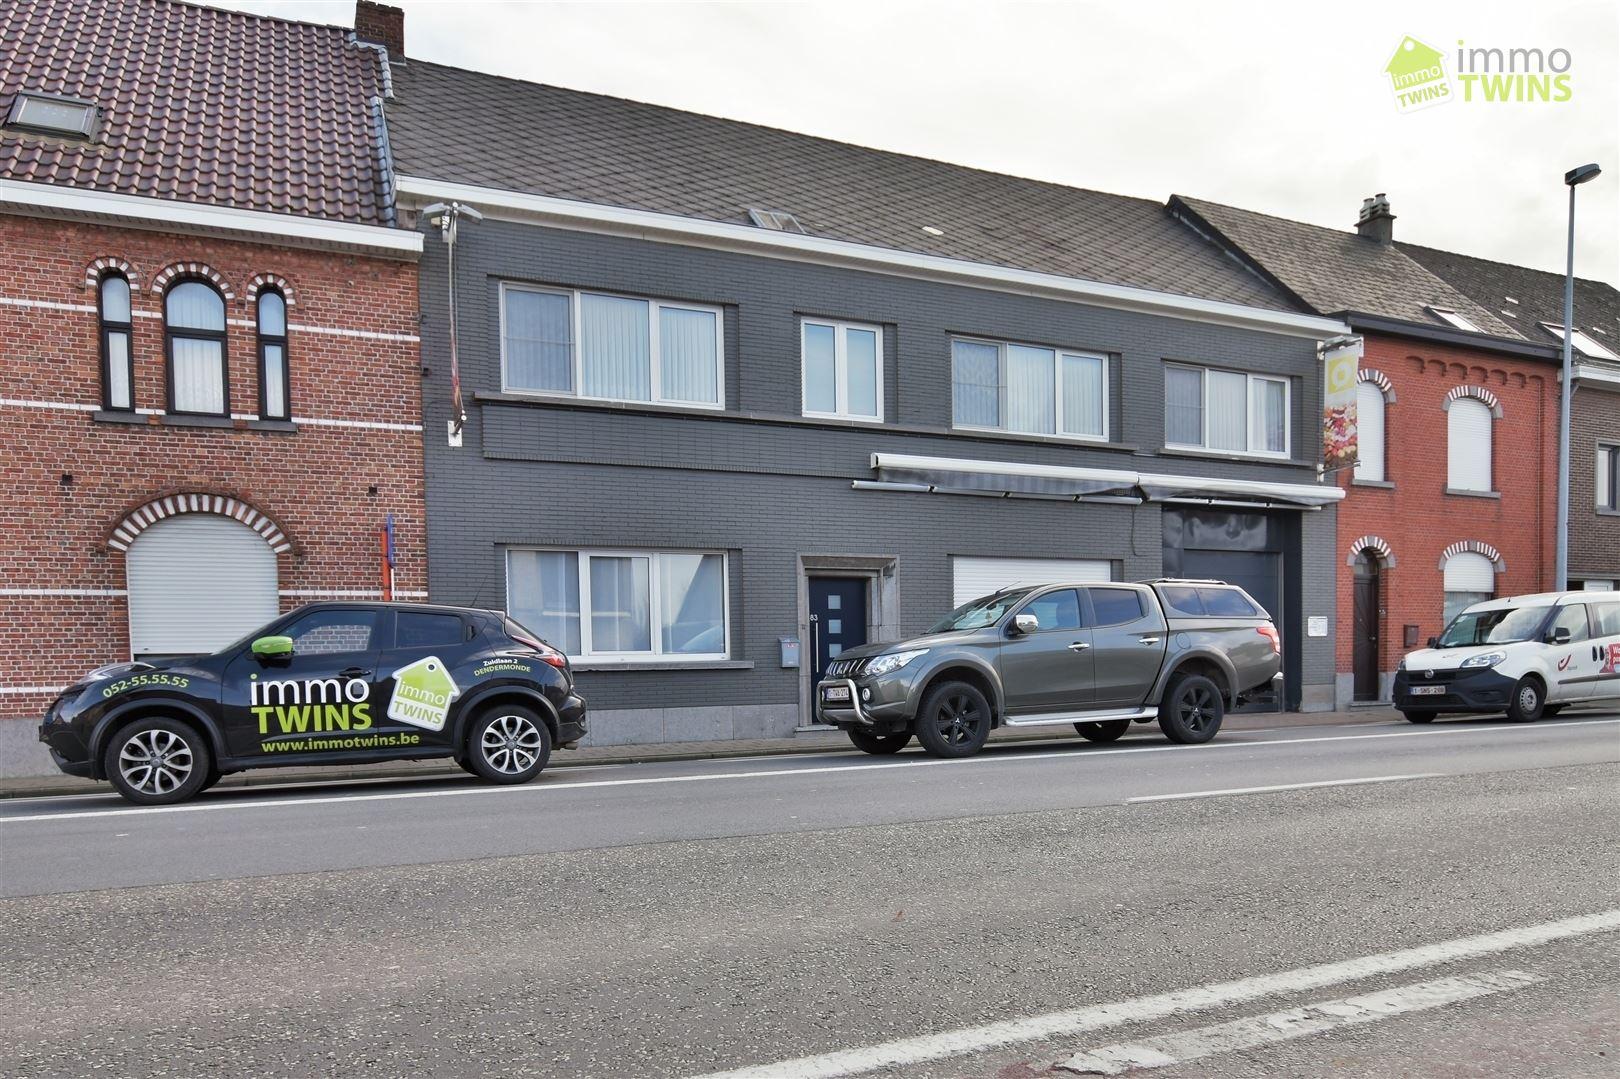 Foto 25 : Handelspand te 9308 GIJZEGEM (België) - Prijs € 549.000